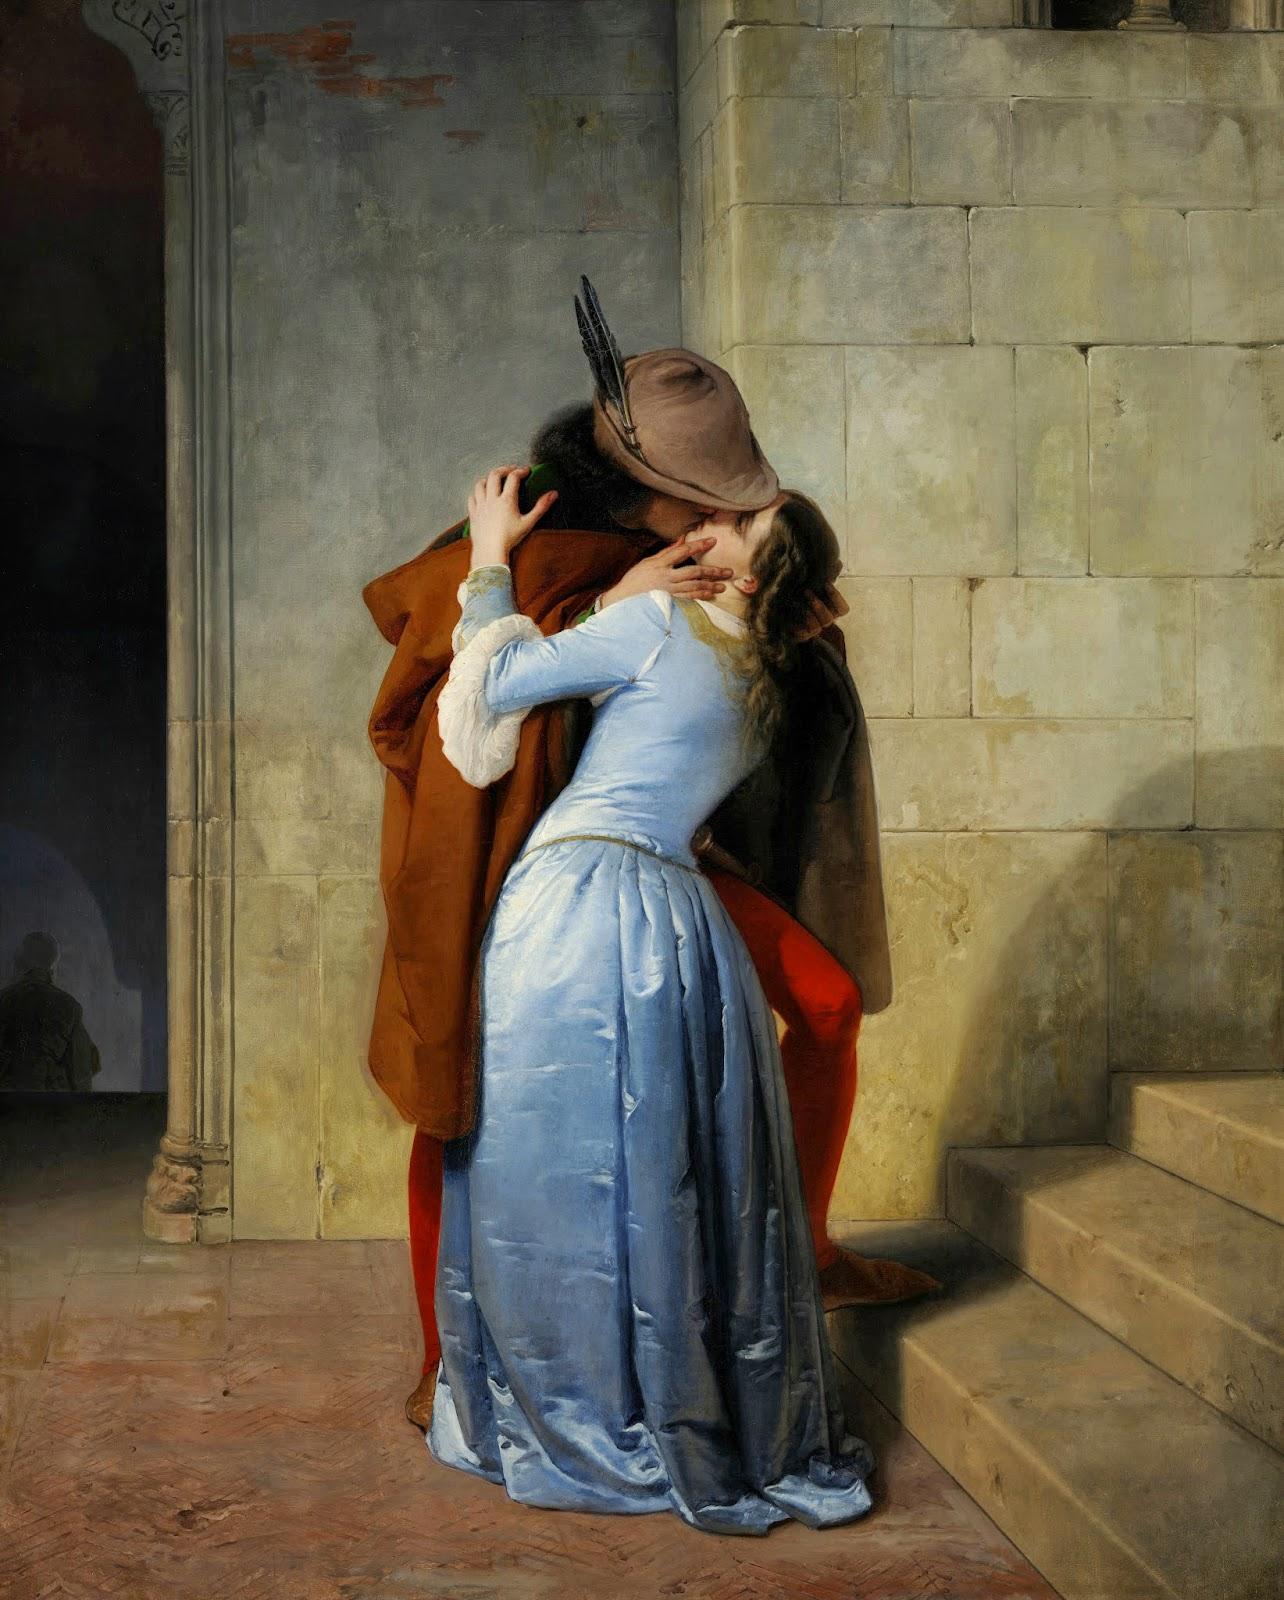 Quadro di Francesco Hayez, Miraggio di pellegrino